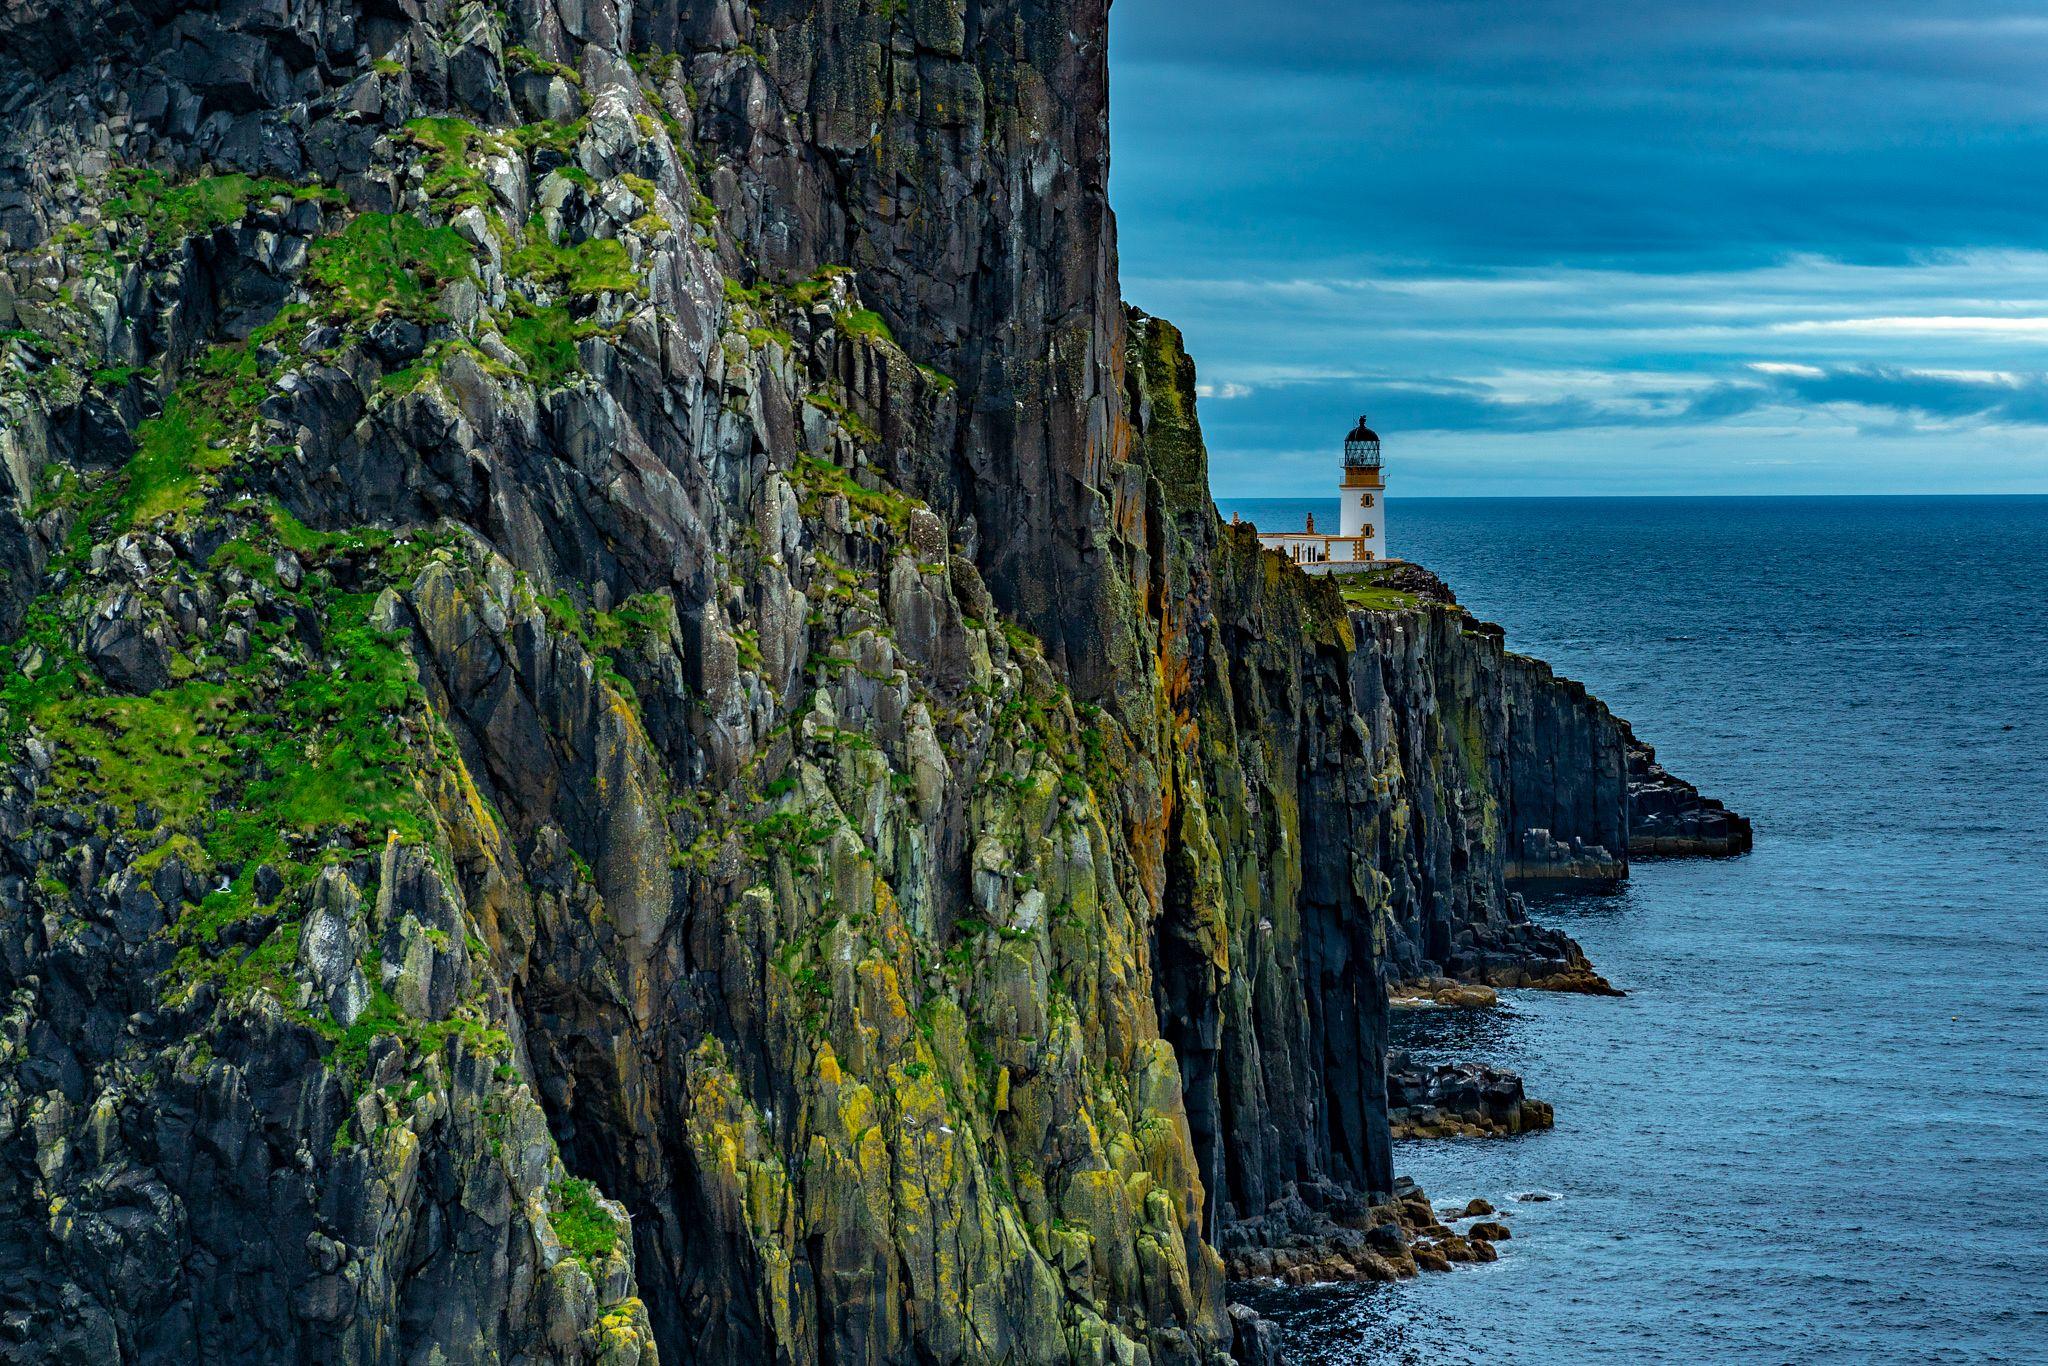 Neist Point Lighthouse